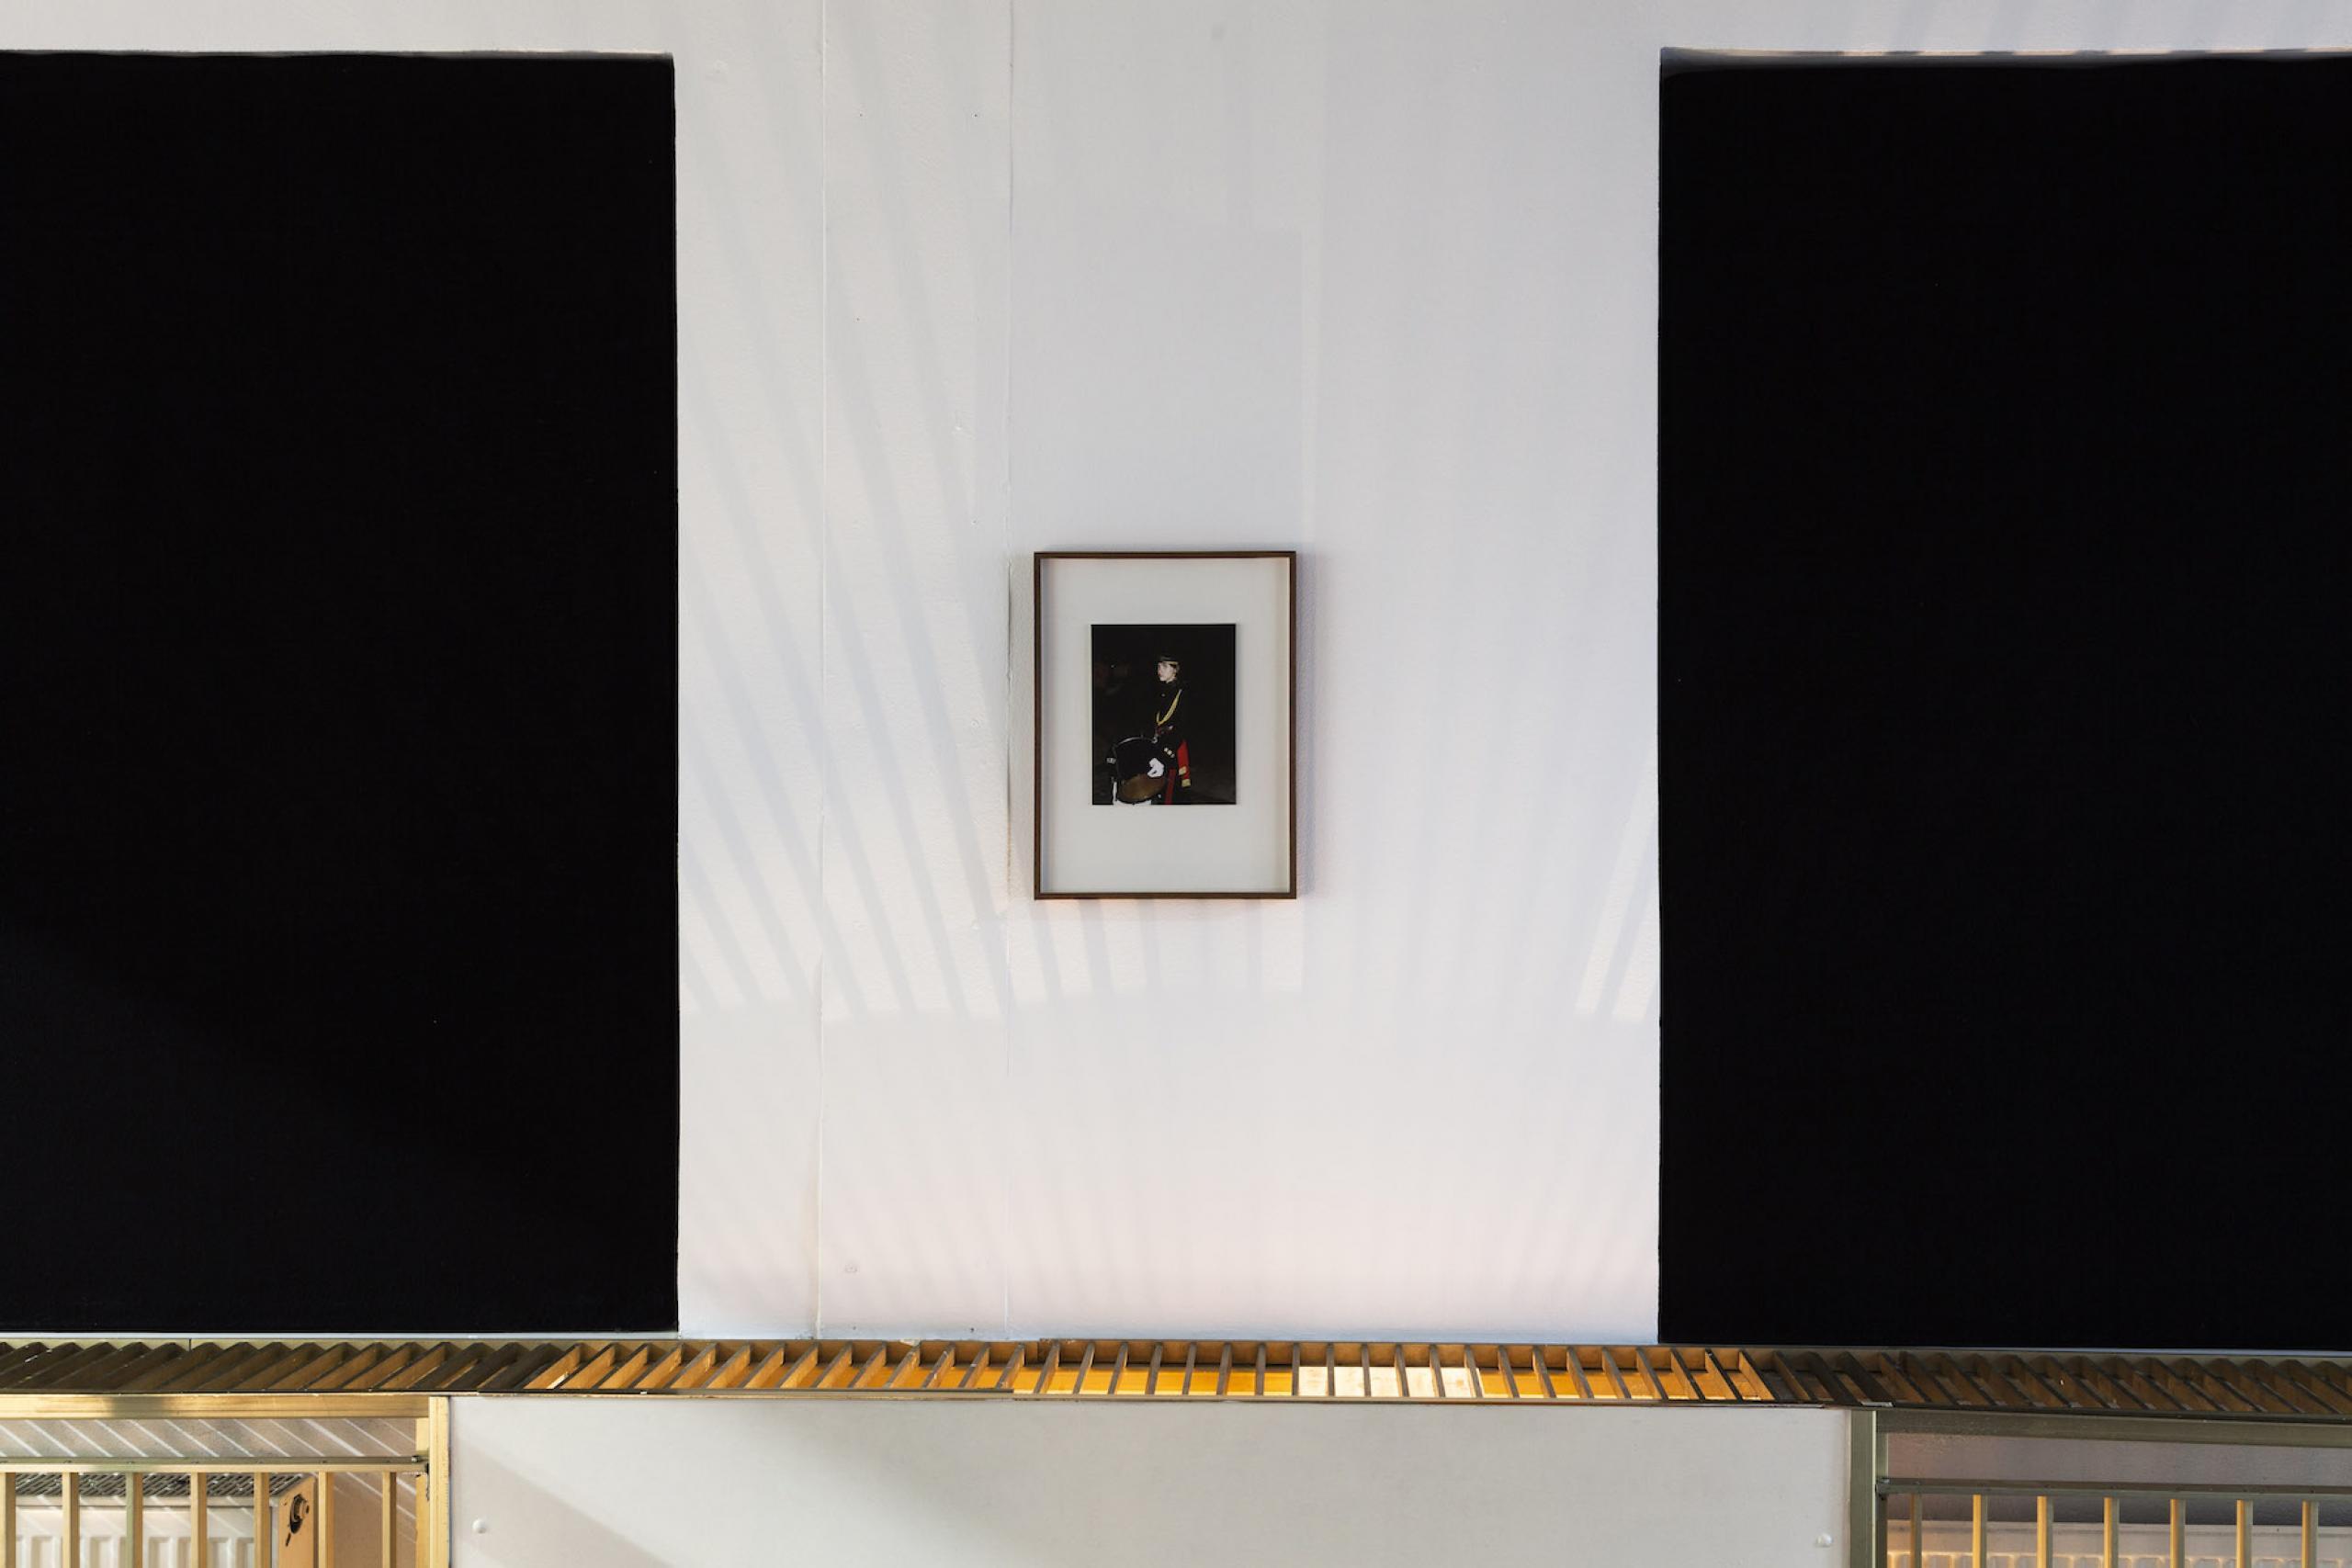 Hanna Putz Untitled 2015–2018,21,4 cm x 17cm, Color Pigment Prints